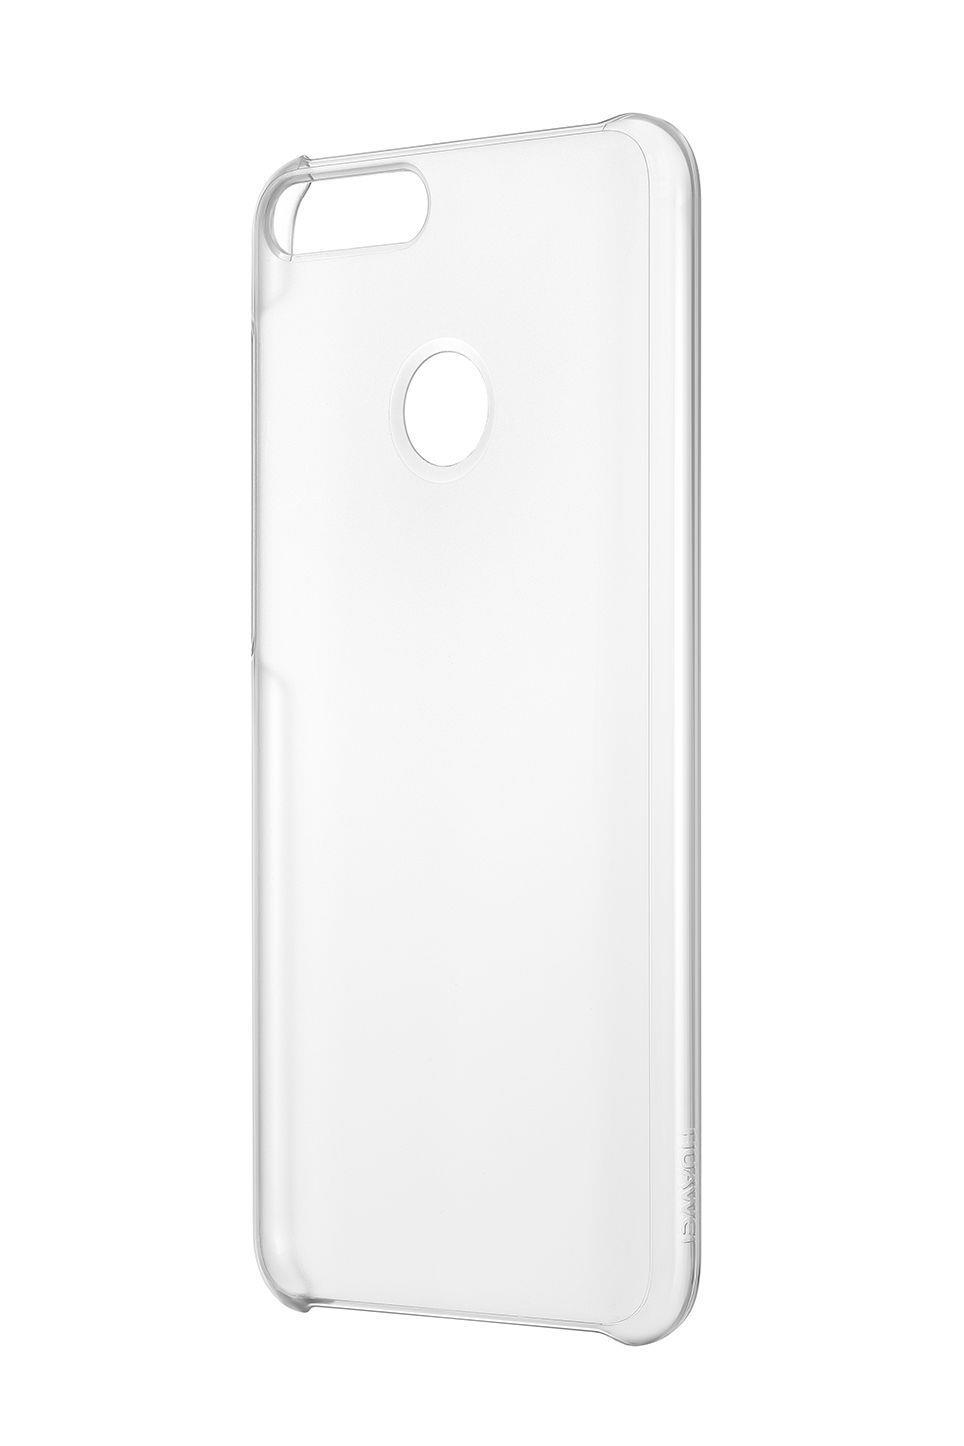 Ochranný kryt pro Huawei P Smart PC transparentní